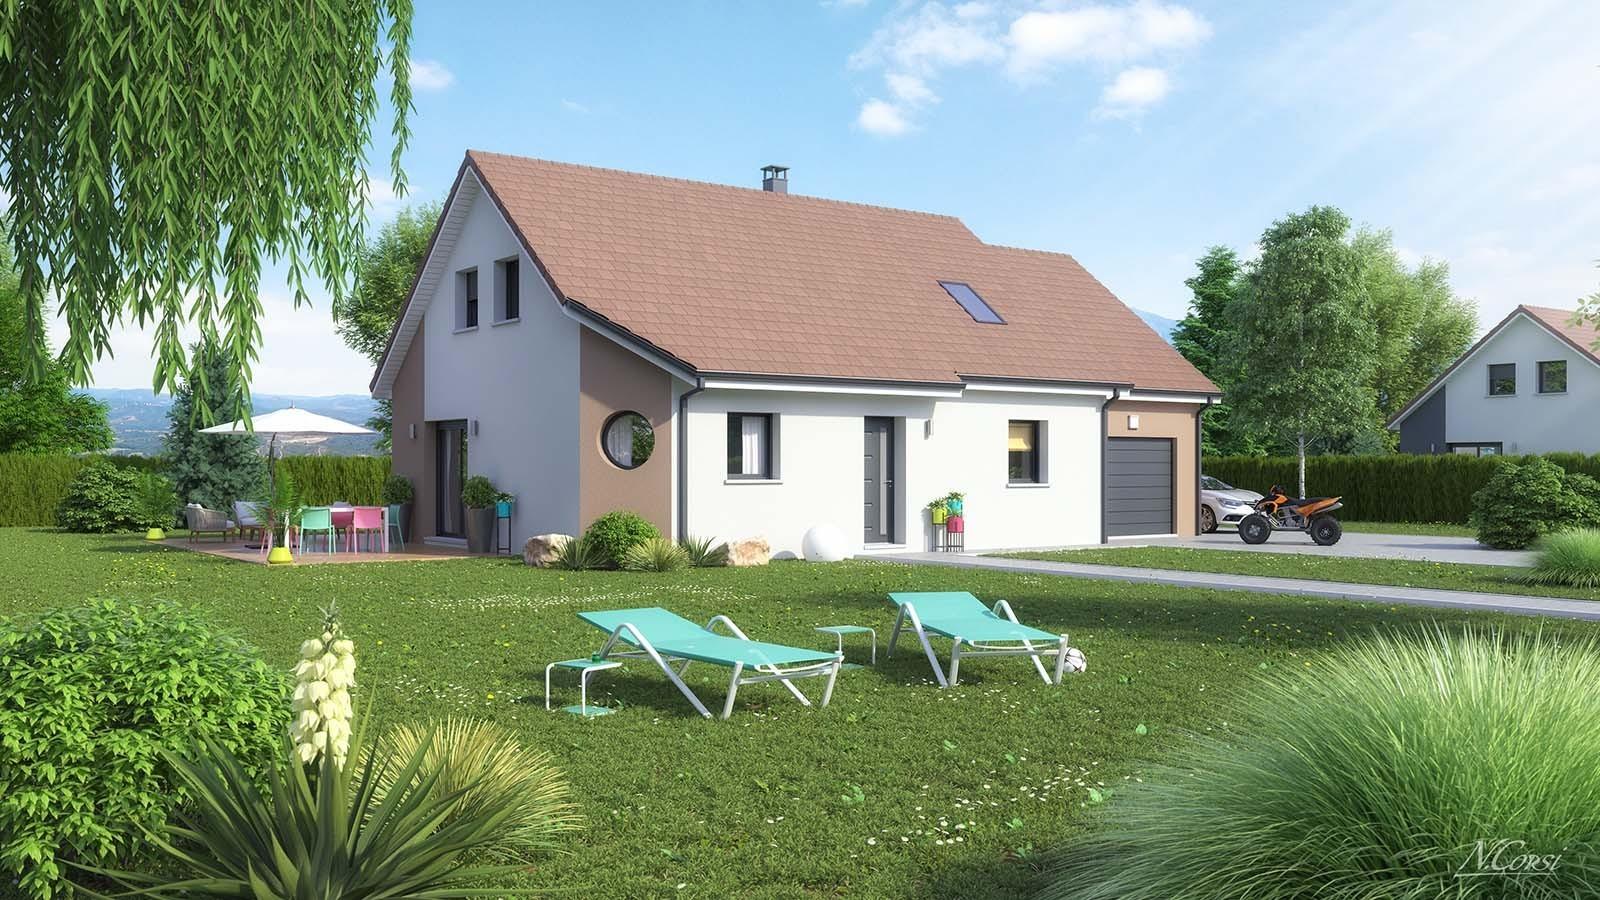 Maisons optimal constructeur de maisons individuelles for Constructeur de maison individuelle 32